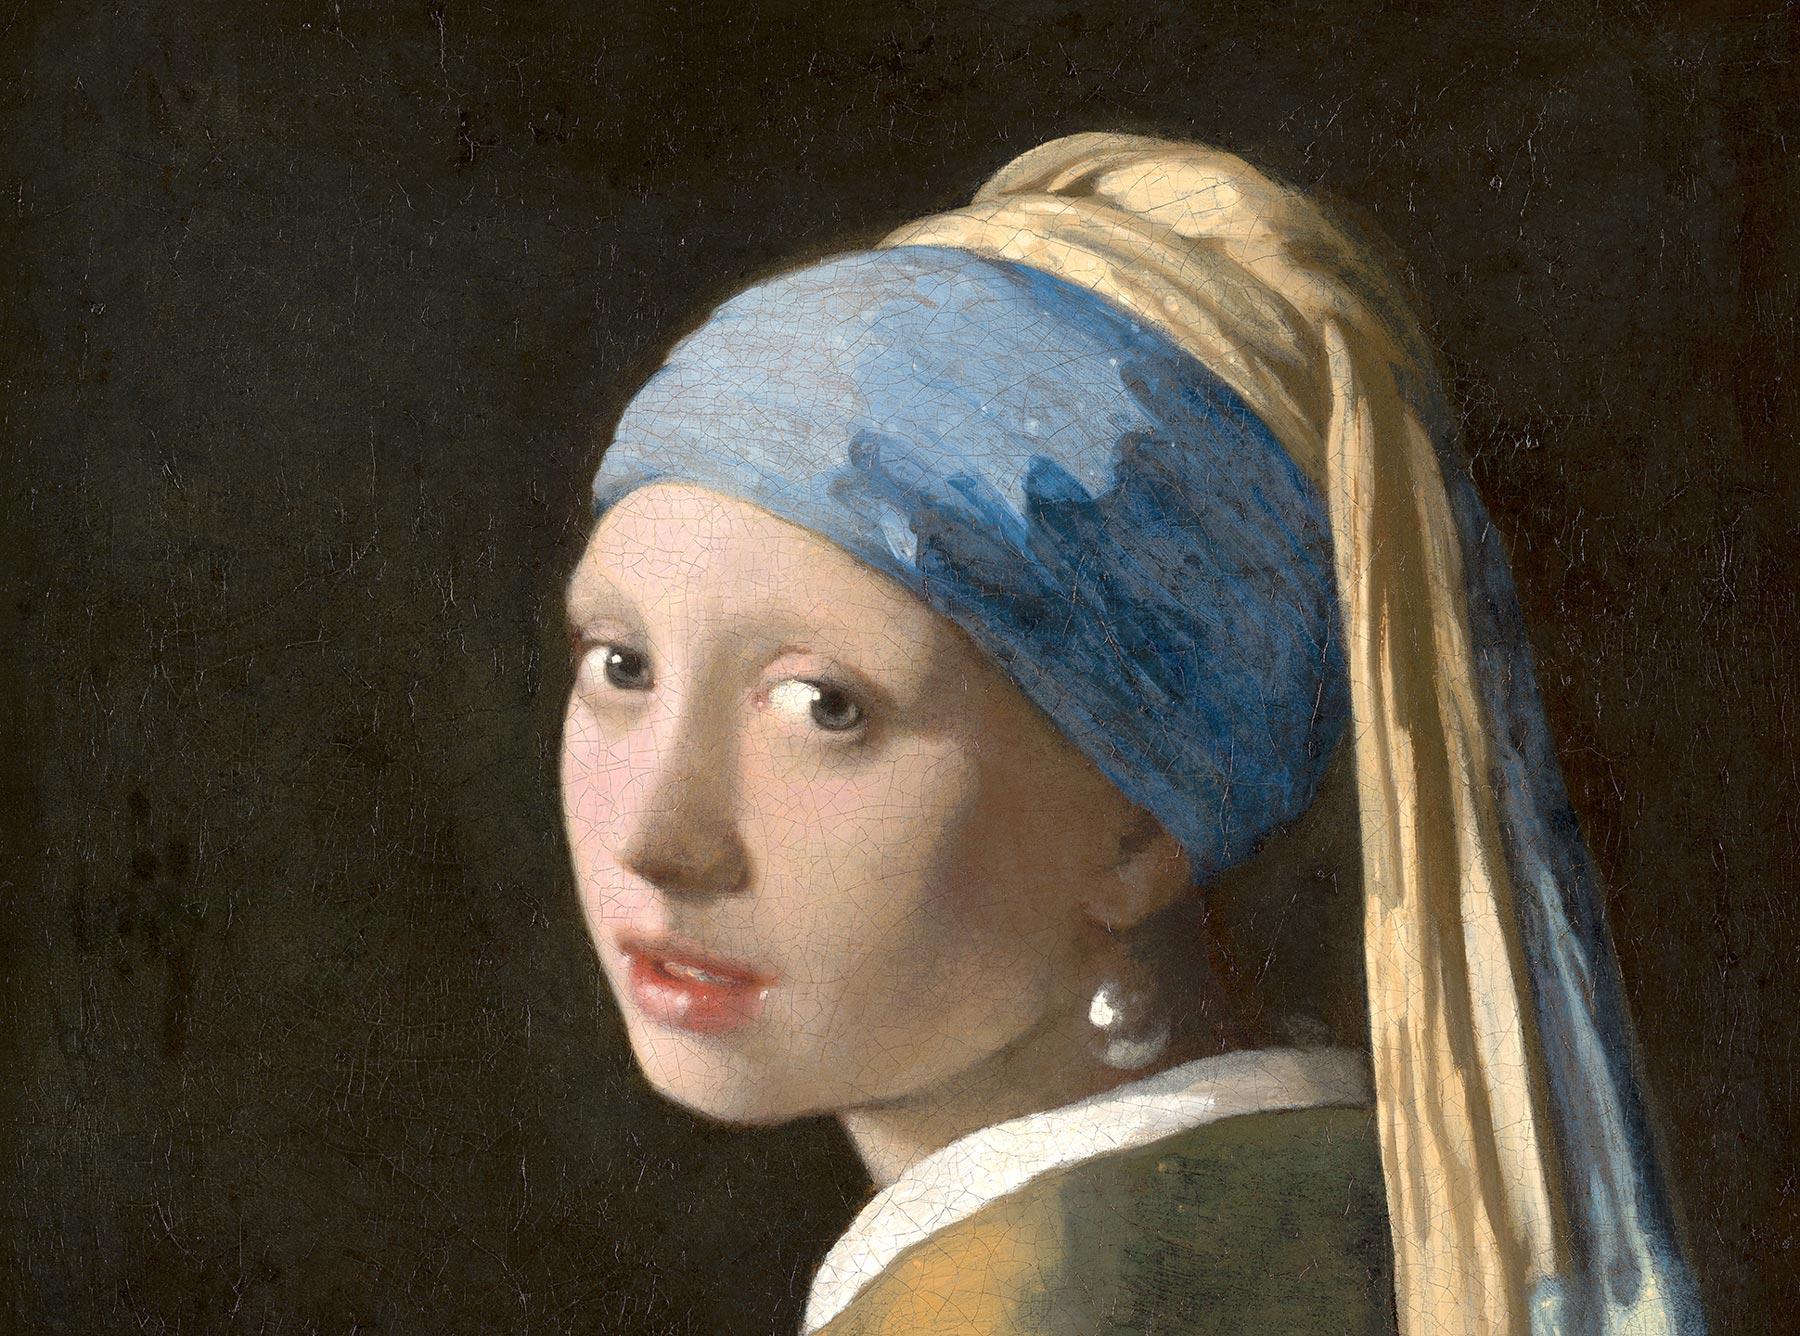 Johannes Vermeer, Meisje met de parel. c. 1665